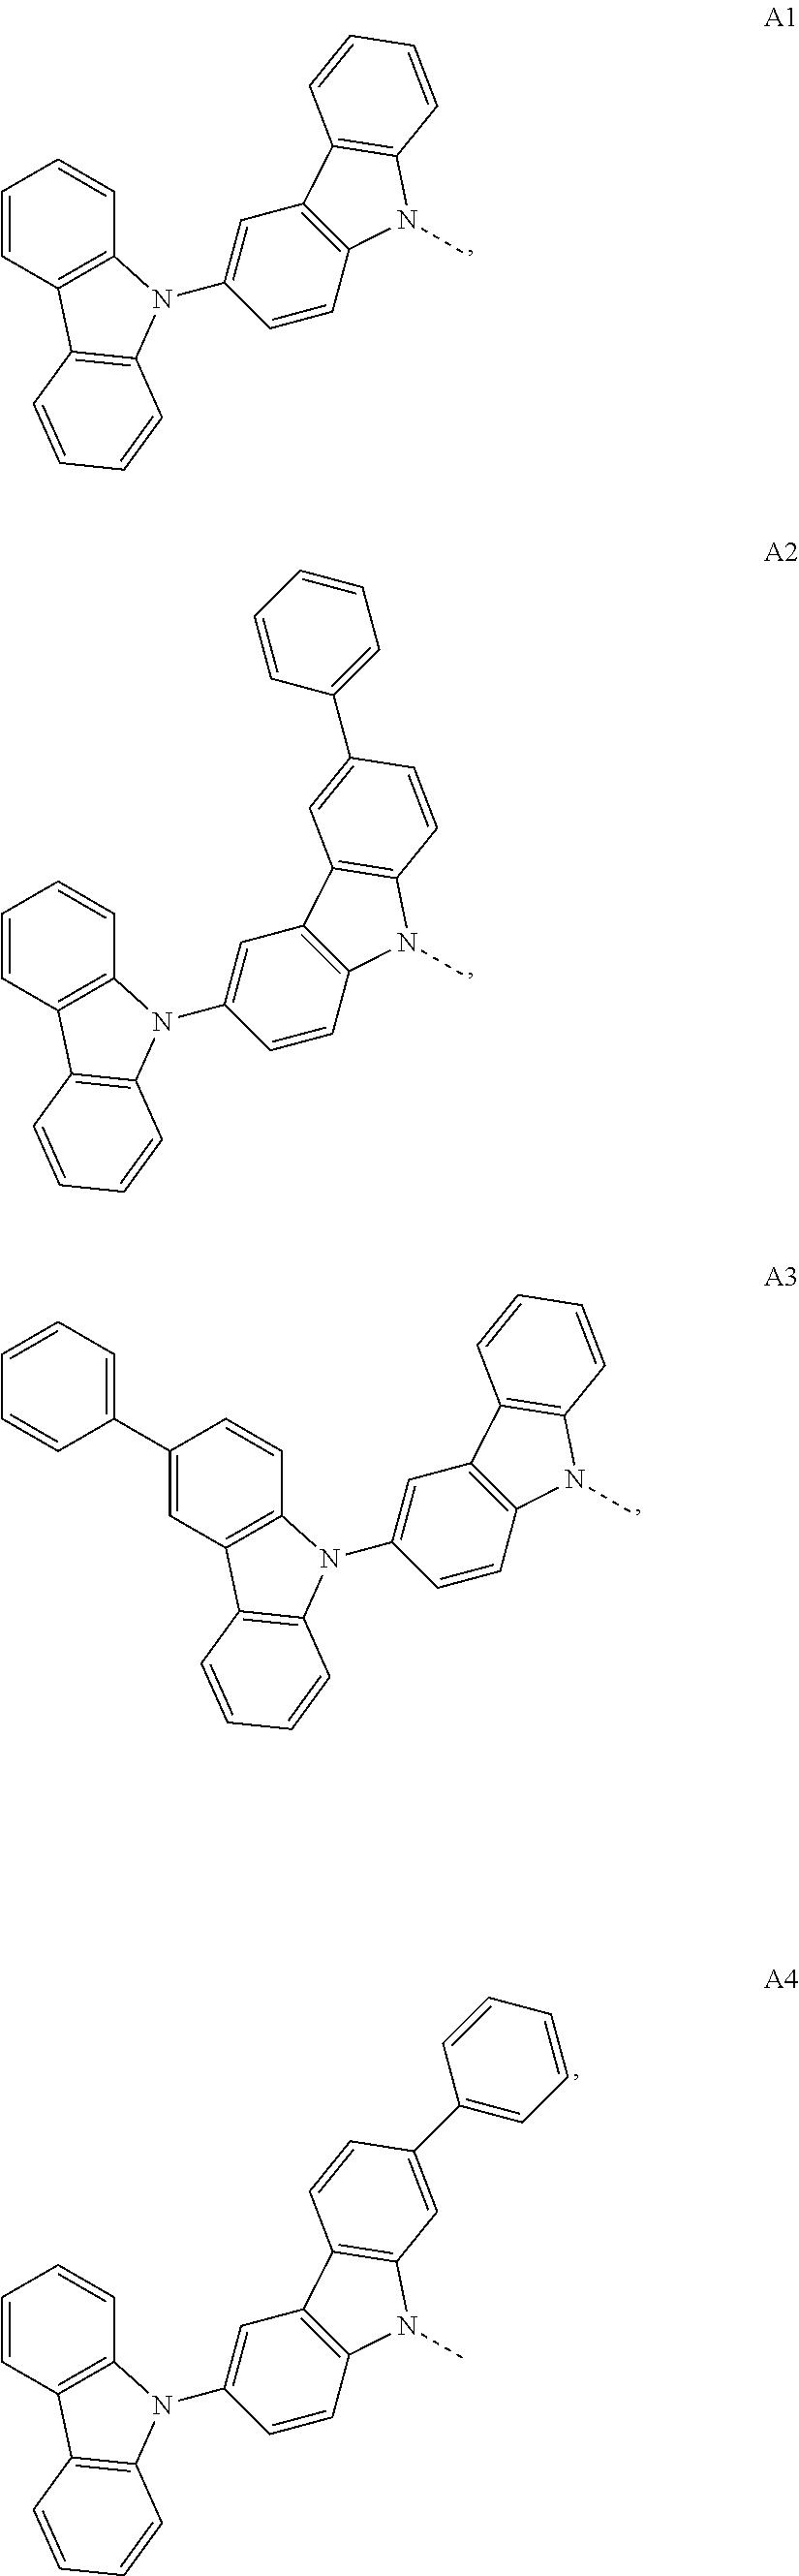 Figure US09876173-20180123-C00009